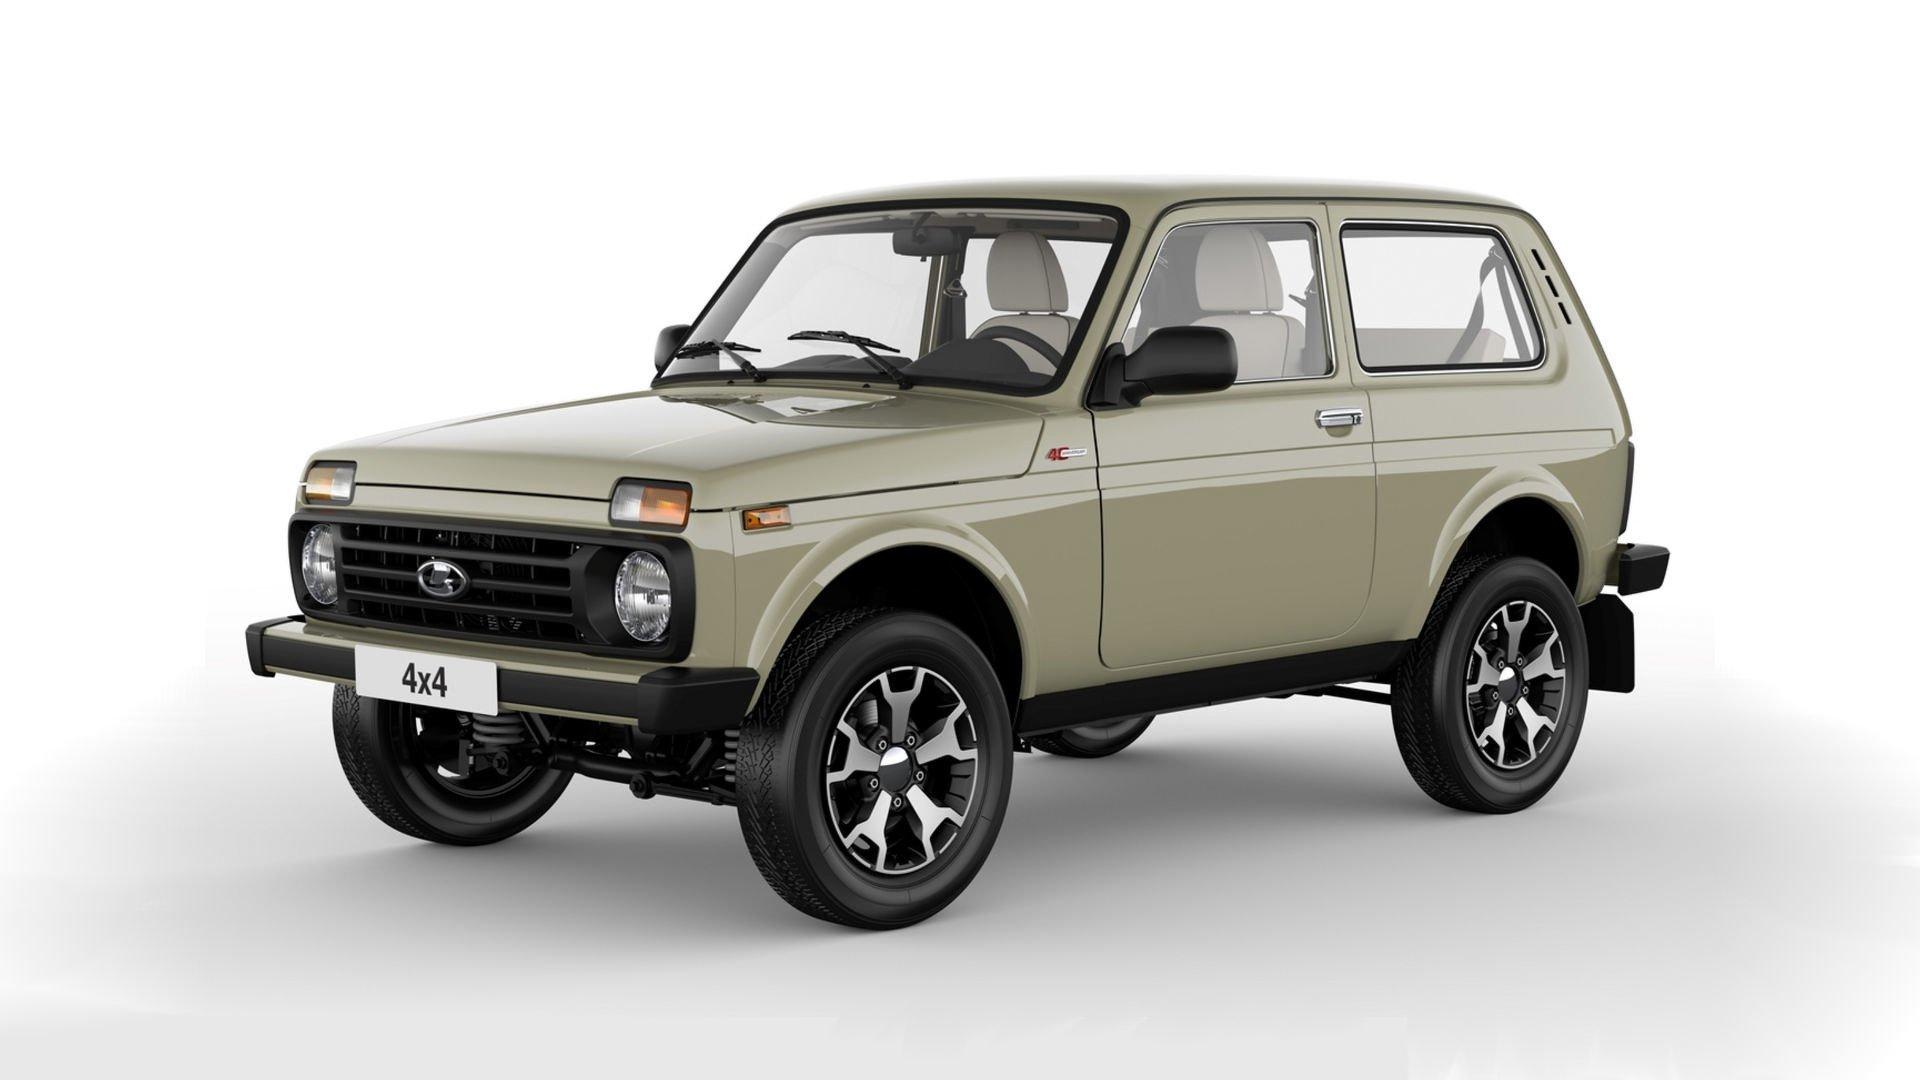 «АвтоВАЗ» выпустит новый внедорожник, но сохранит выпуск Lada 4х4